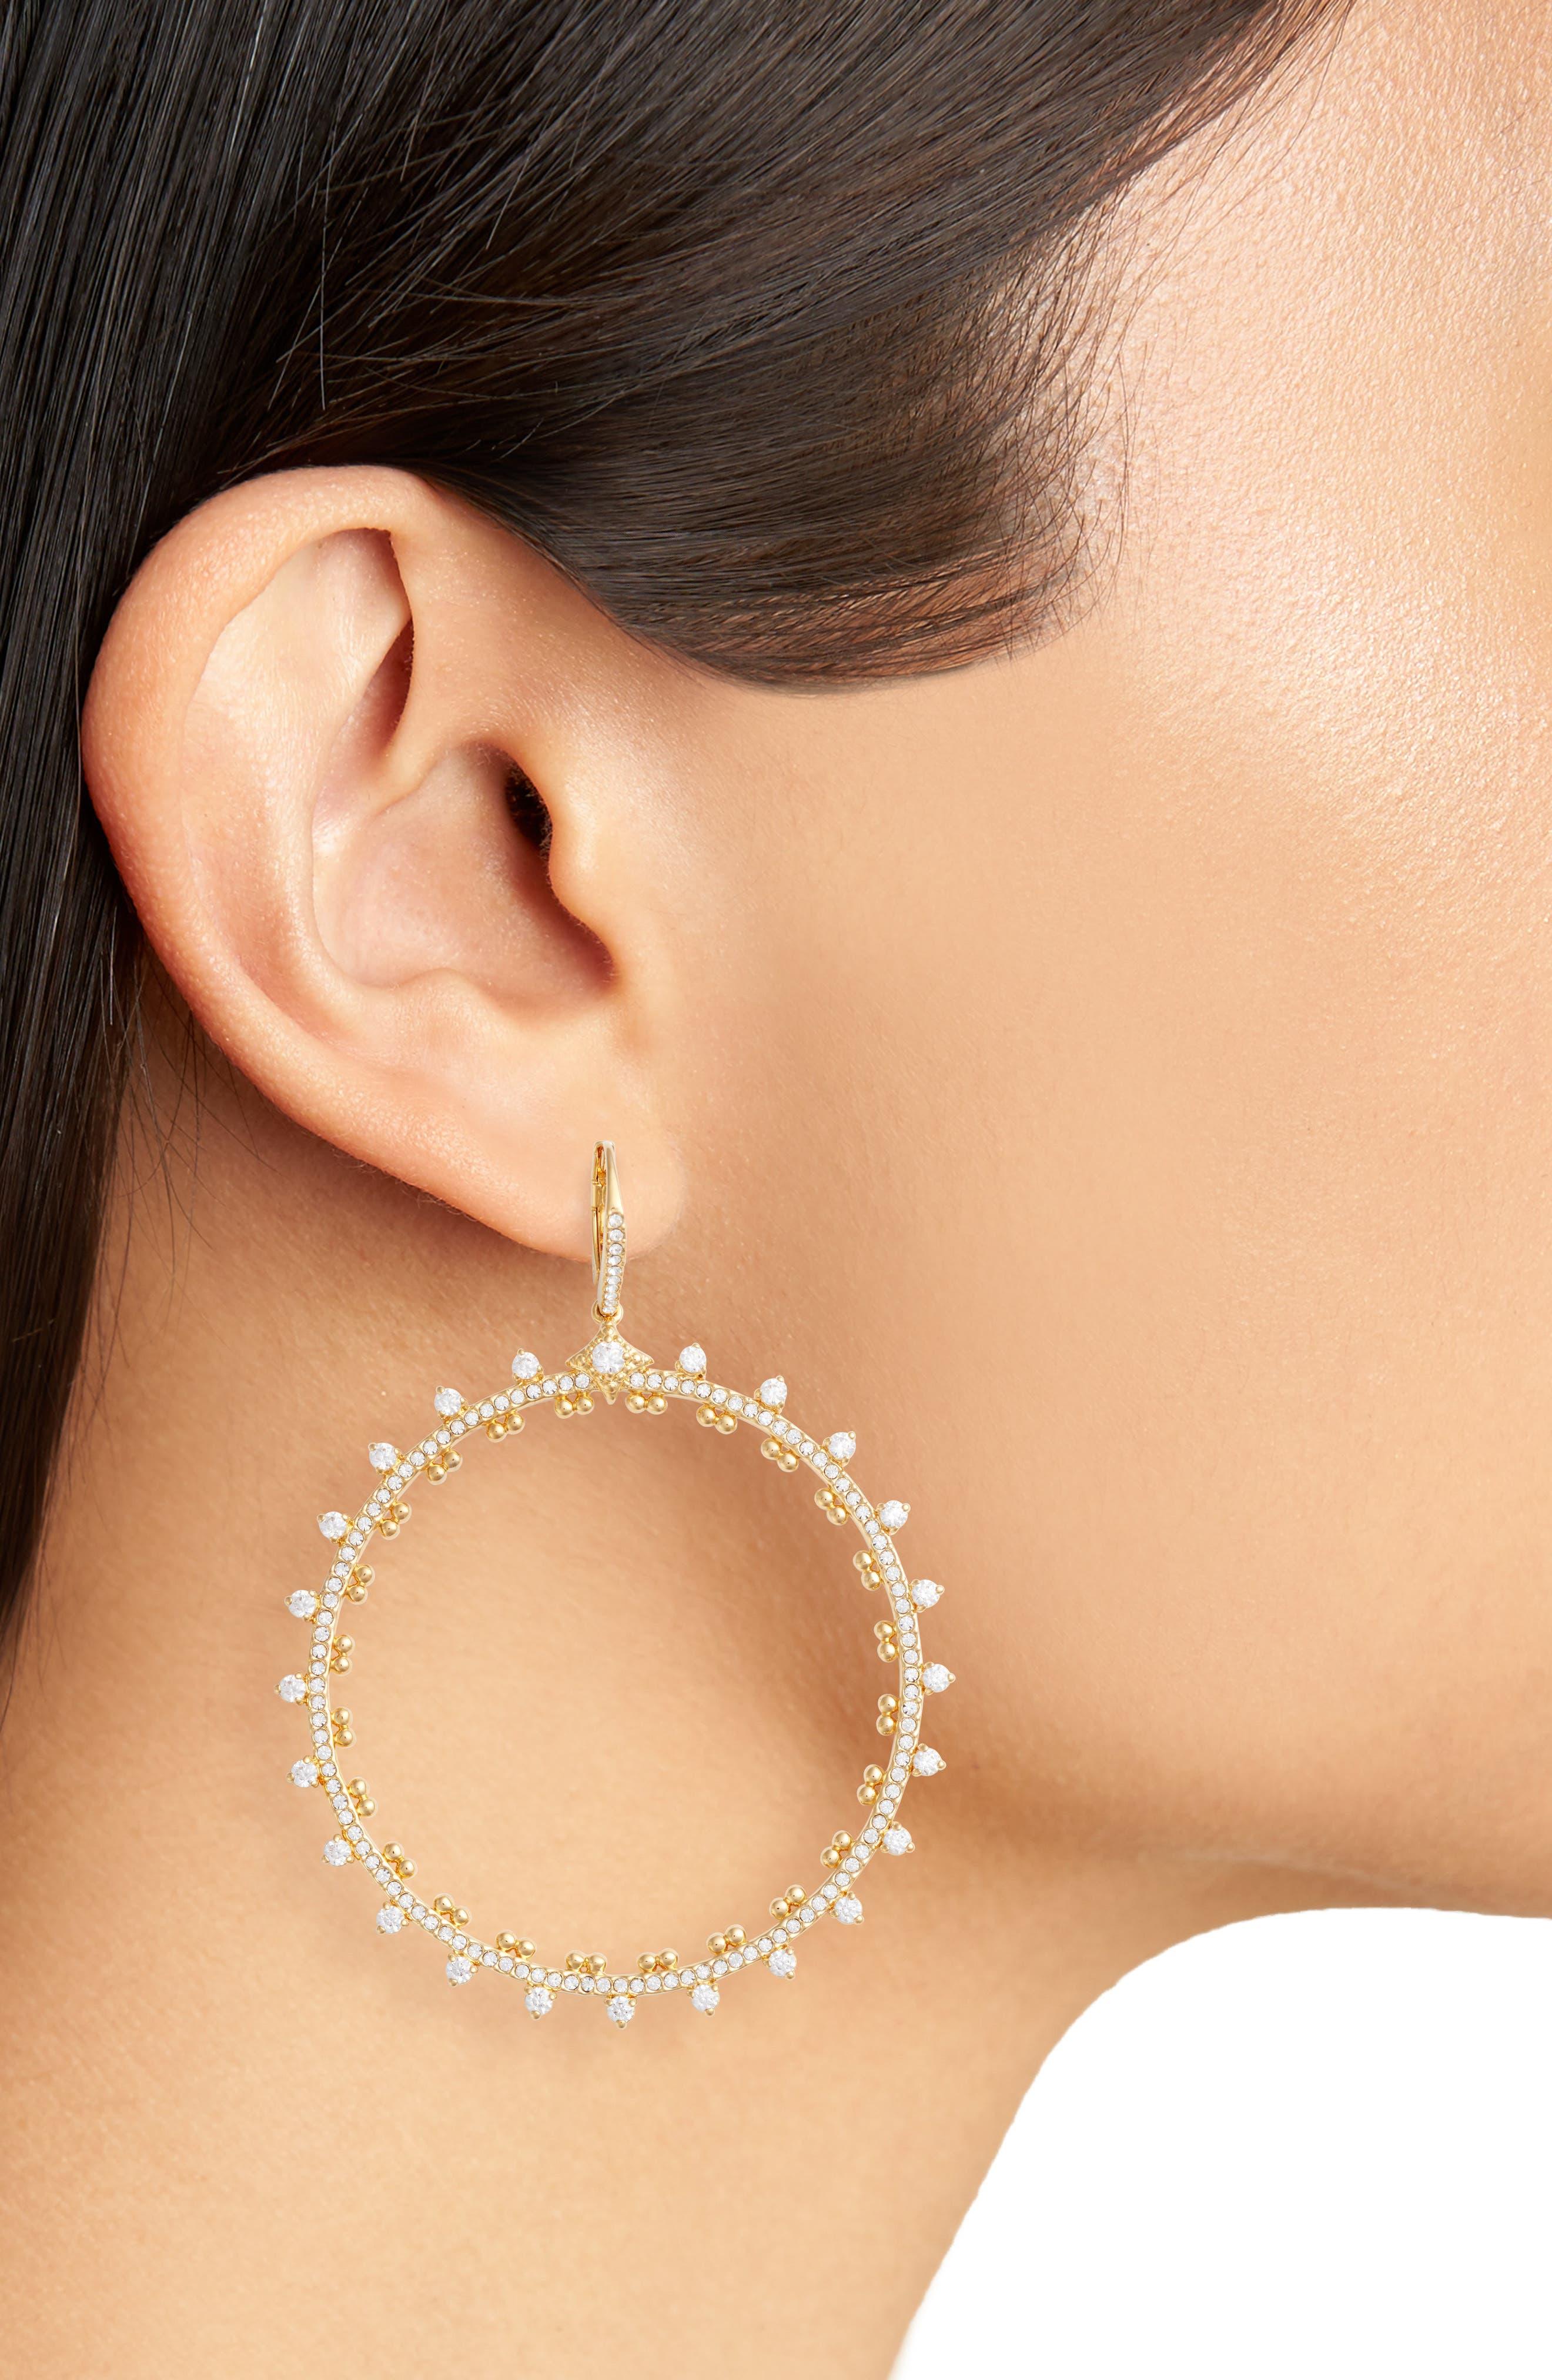 Cardamom Frontal Hoop Earrings,                             Alternate thumbnail 3, color,                             710